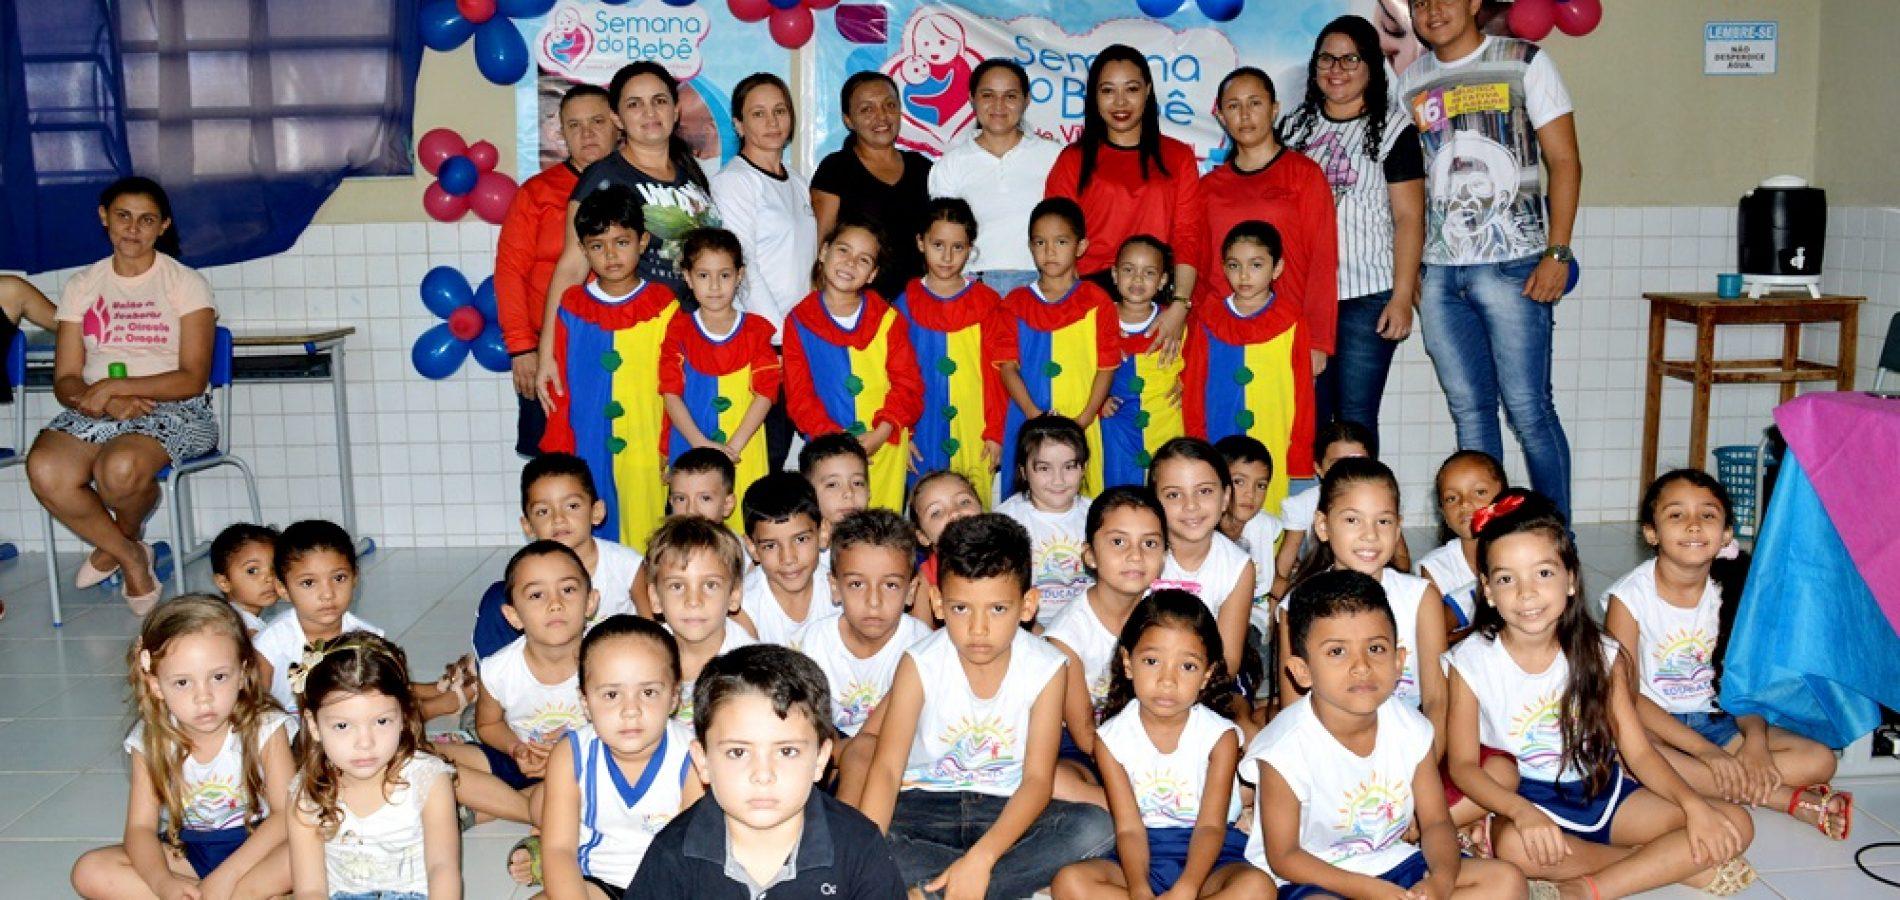 VILA NOVA | Educação e cultura realizam atividades no 2º dia da VII Semana do Bebê; fotos